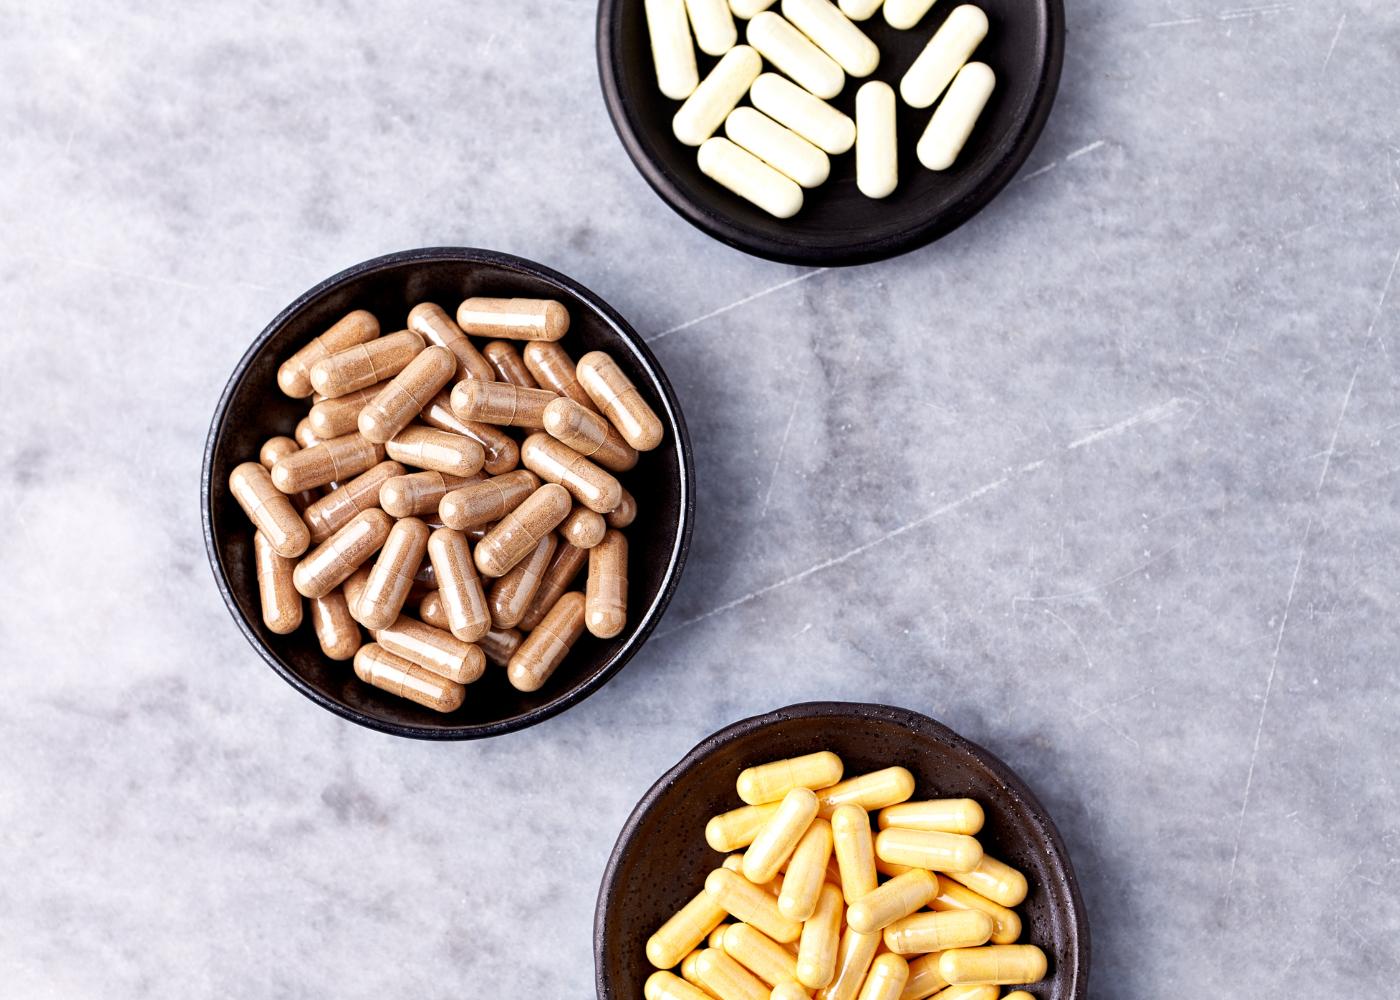 suplementos para emagrecer bloqueadores de gordura